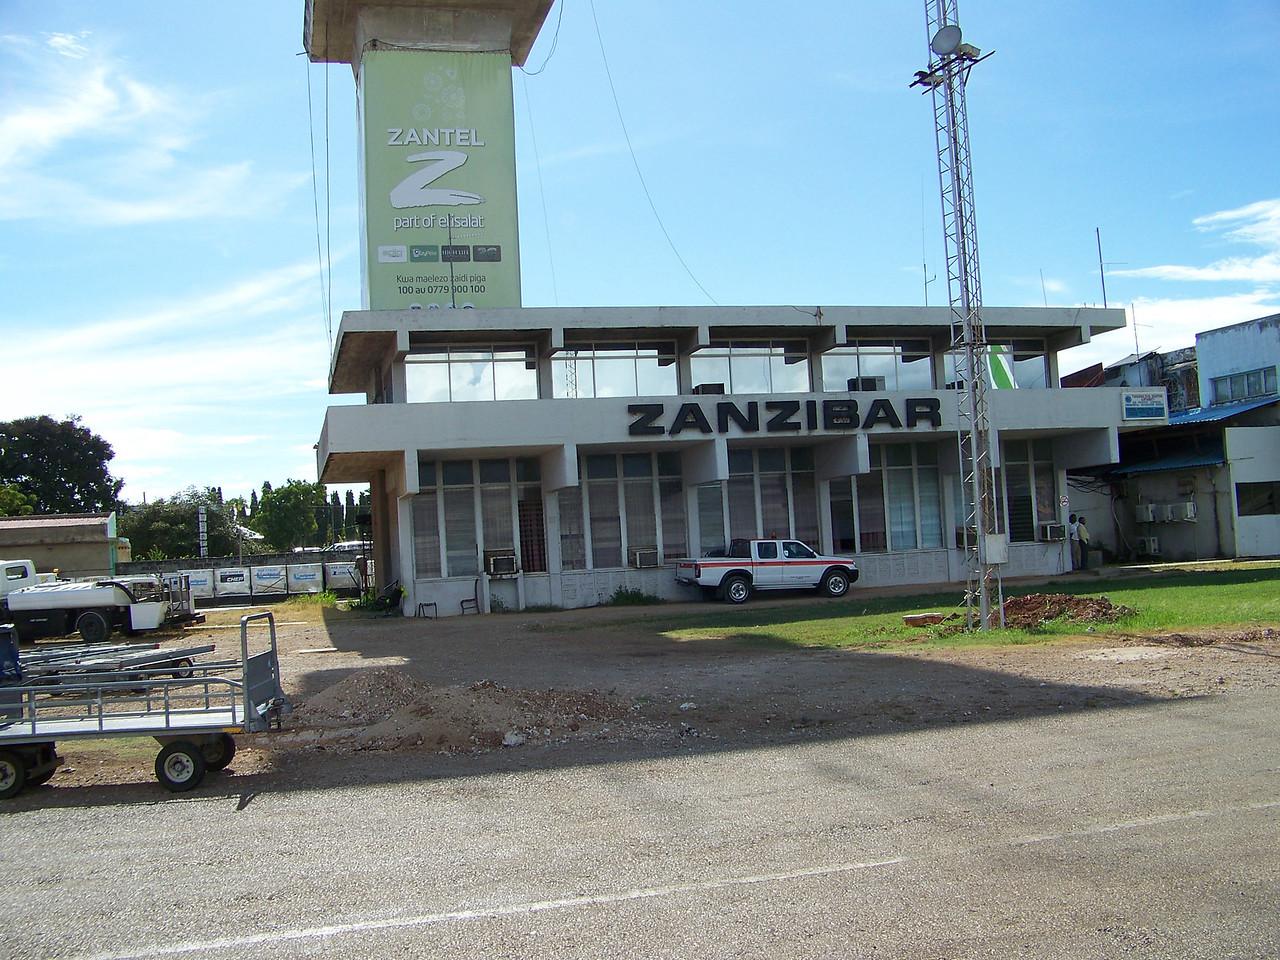 0984- Control Tower at Zanzibar Intl Airport - Zanzabar - Tanzania.JPG